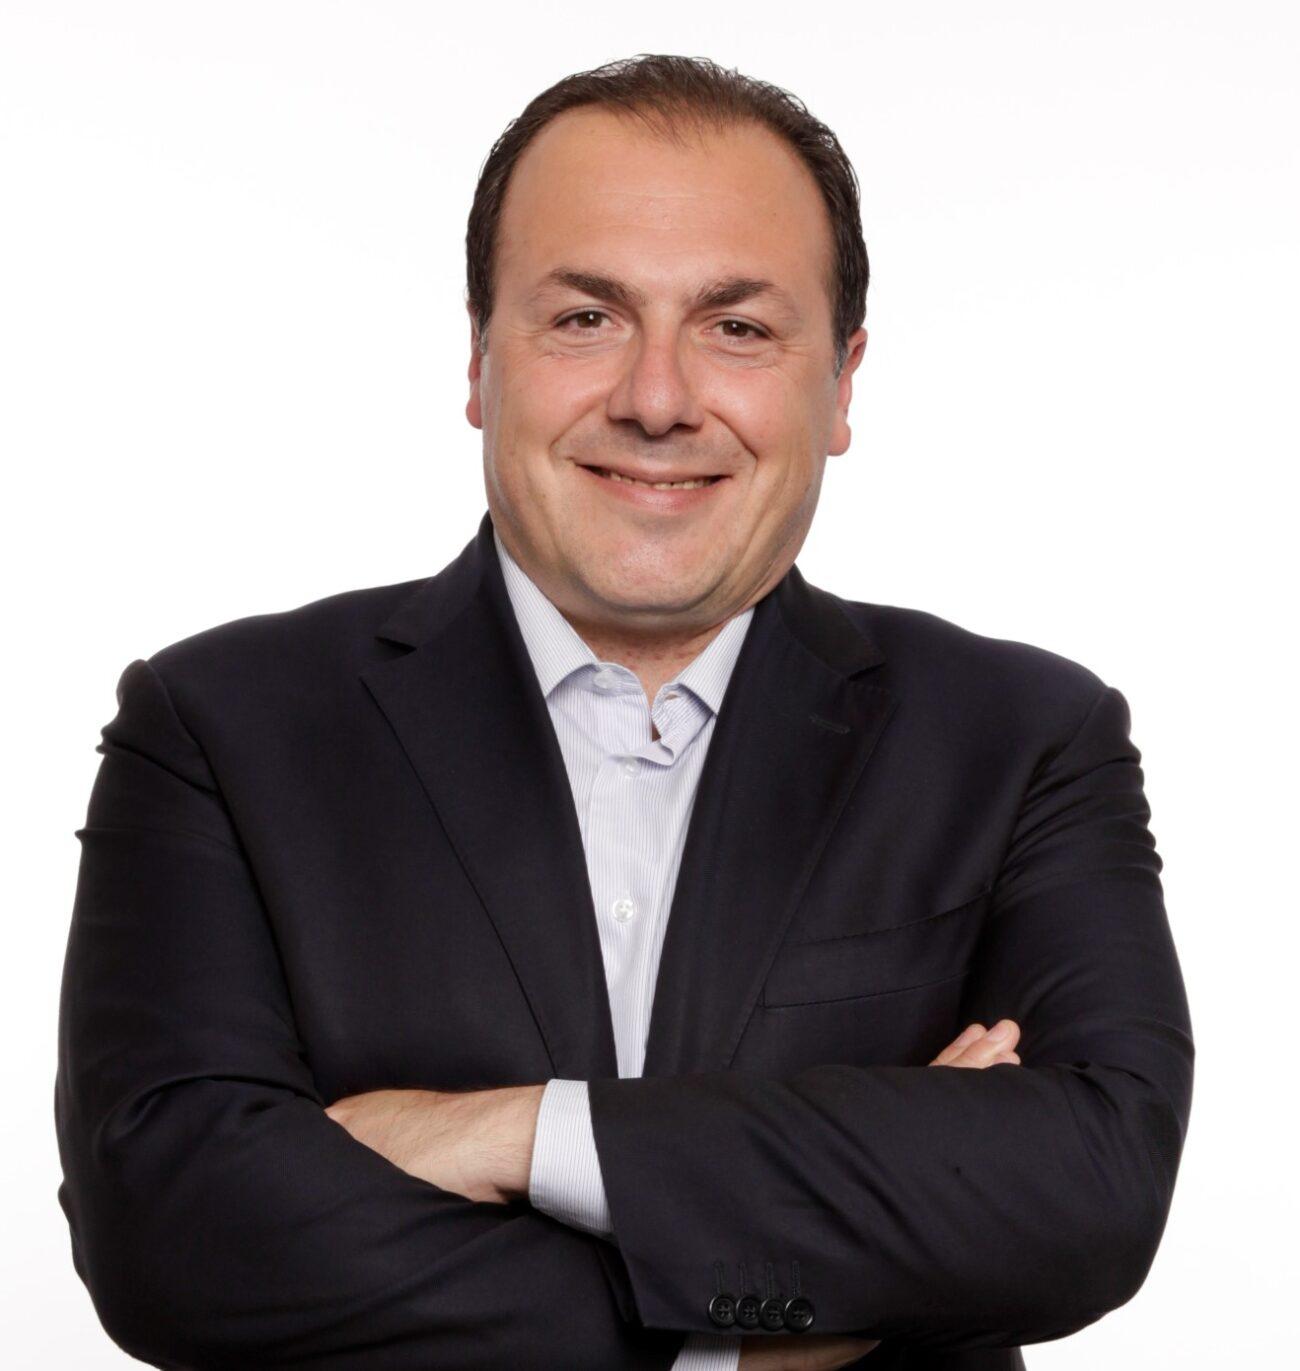 Vittorio Cino è il nuovo Direttore Generale di Federvini